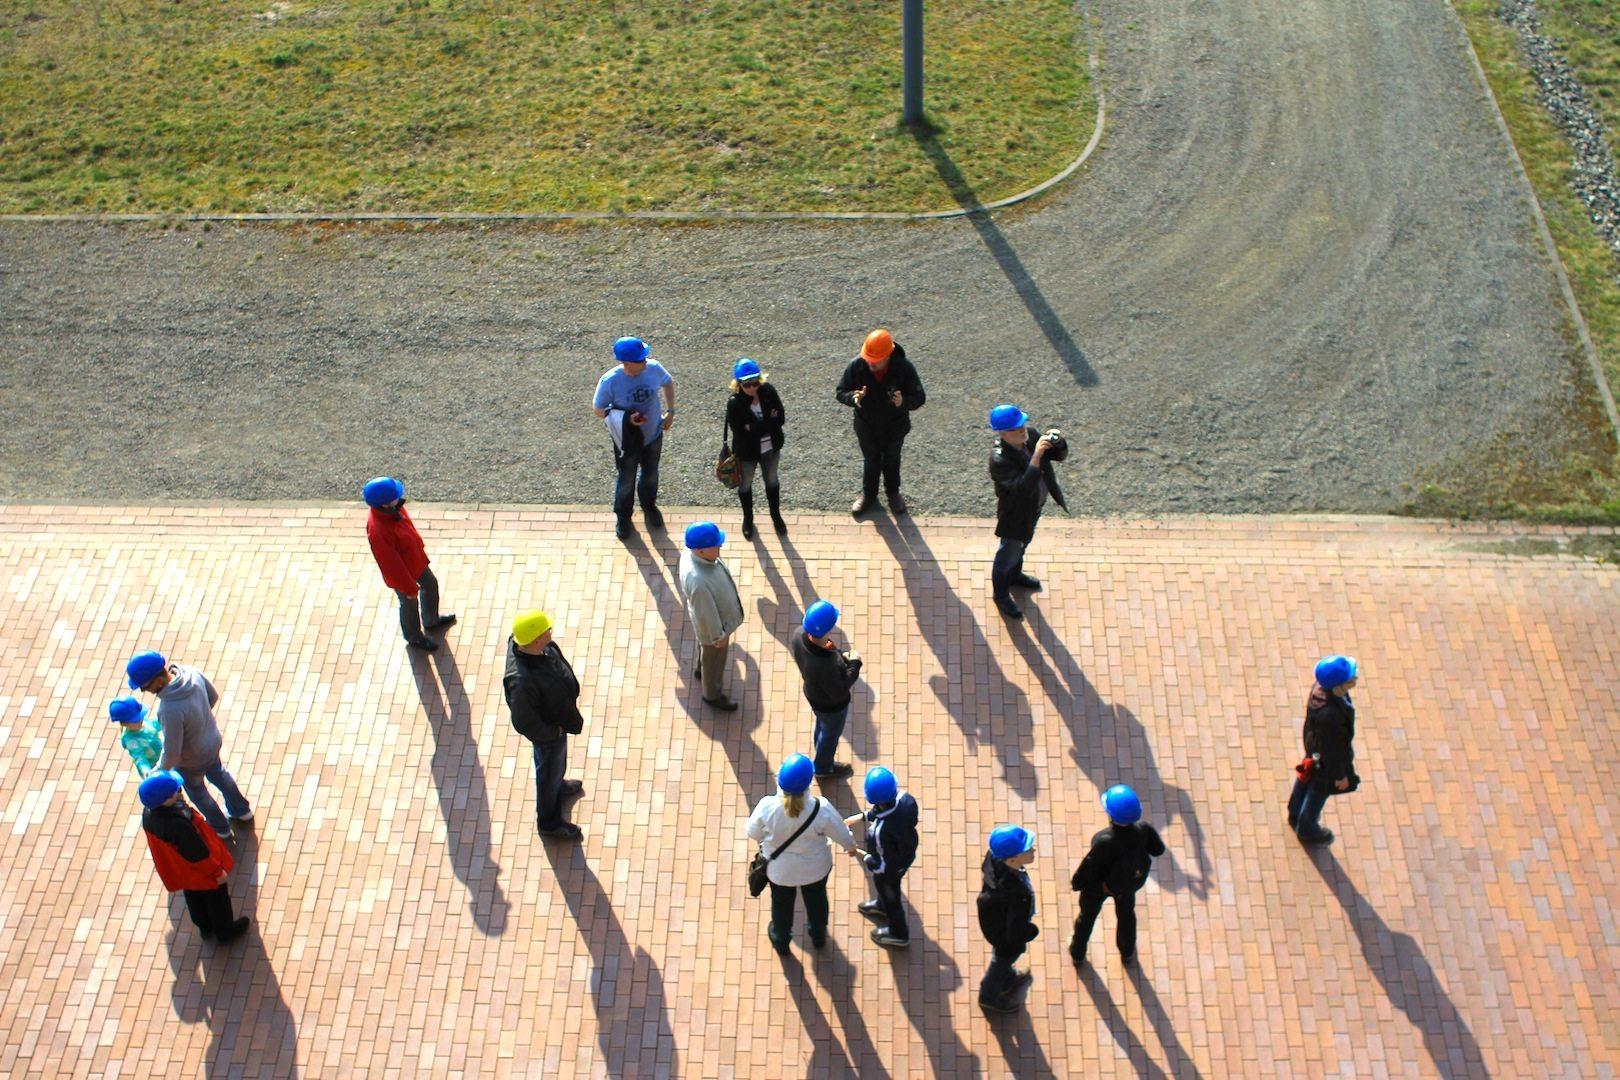 F60. Besucher bekommen gelbe oder blaue Helme, der Tourguide ist orange behelmt.